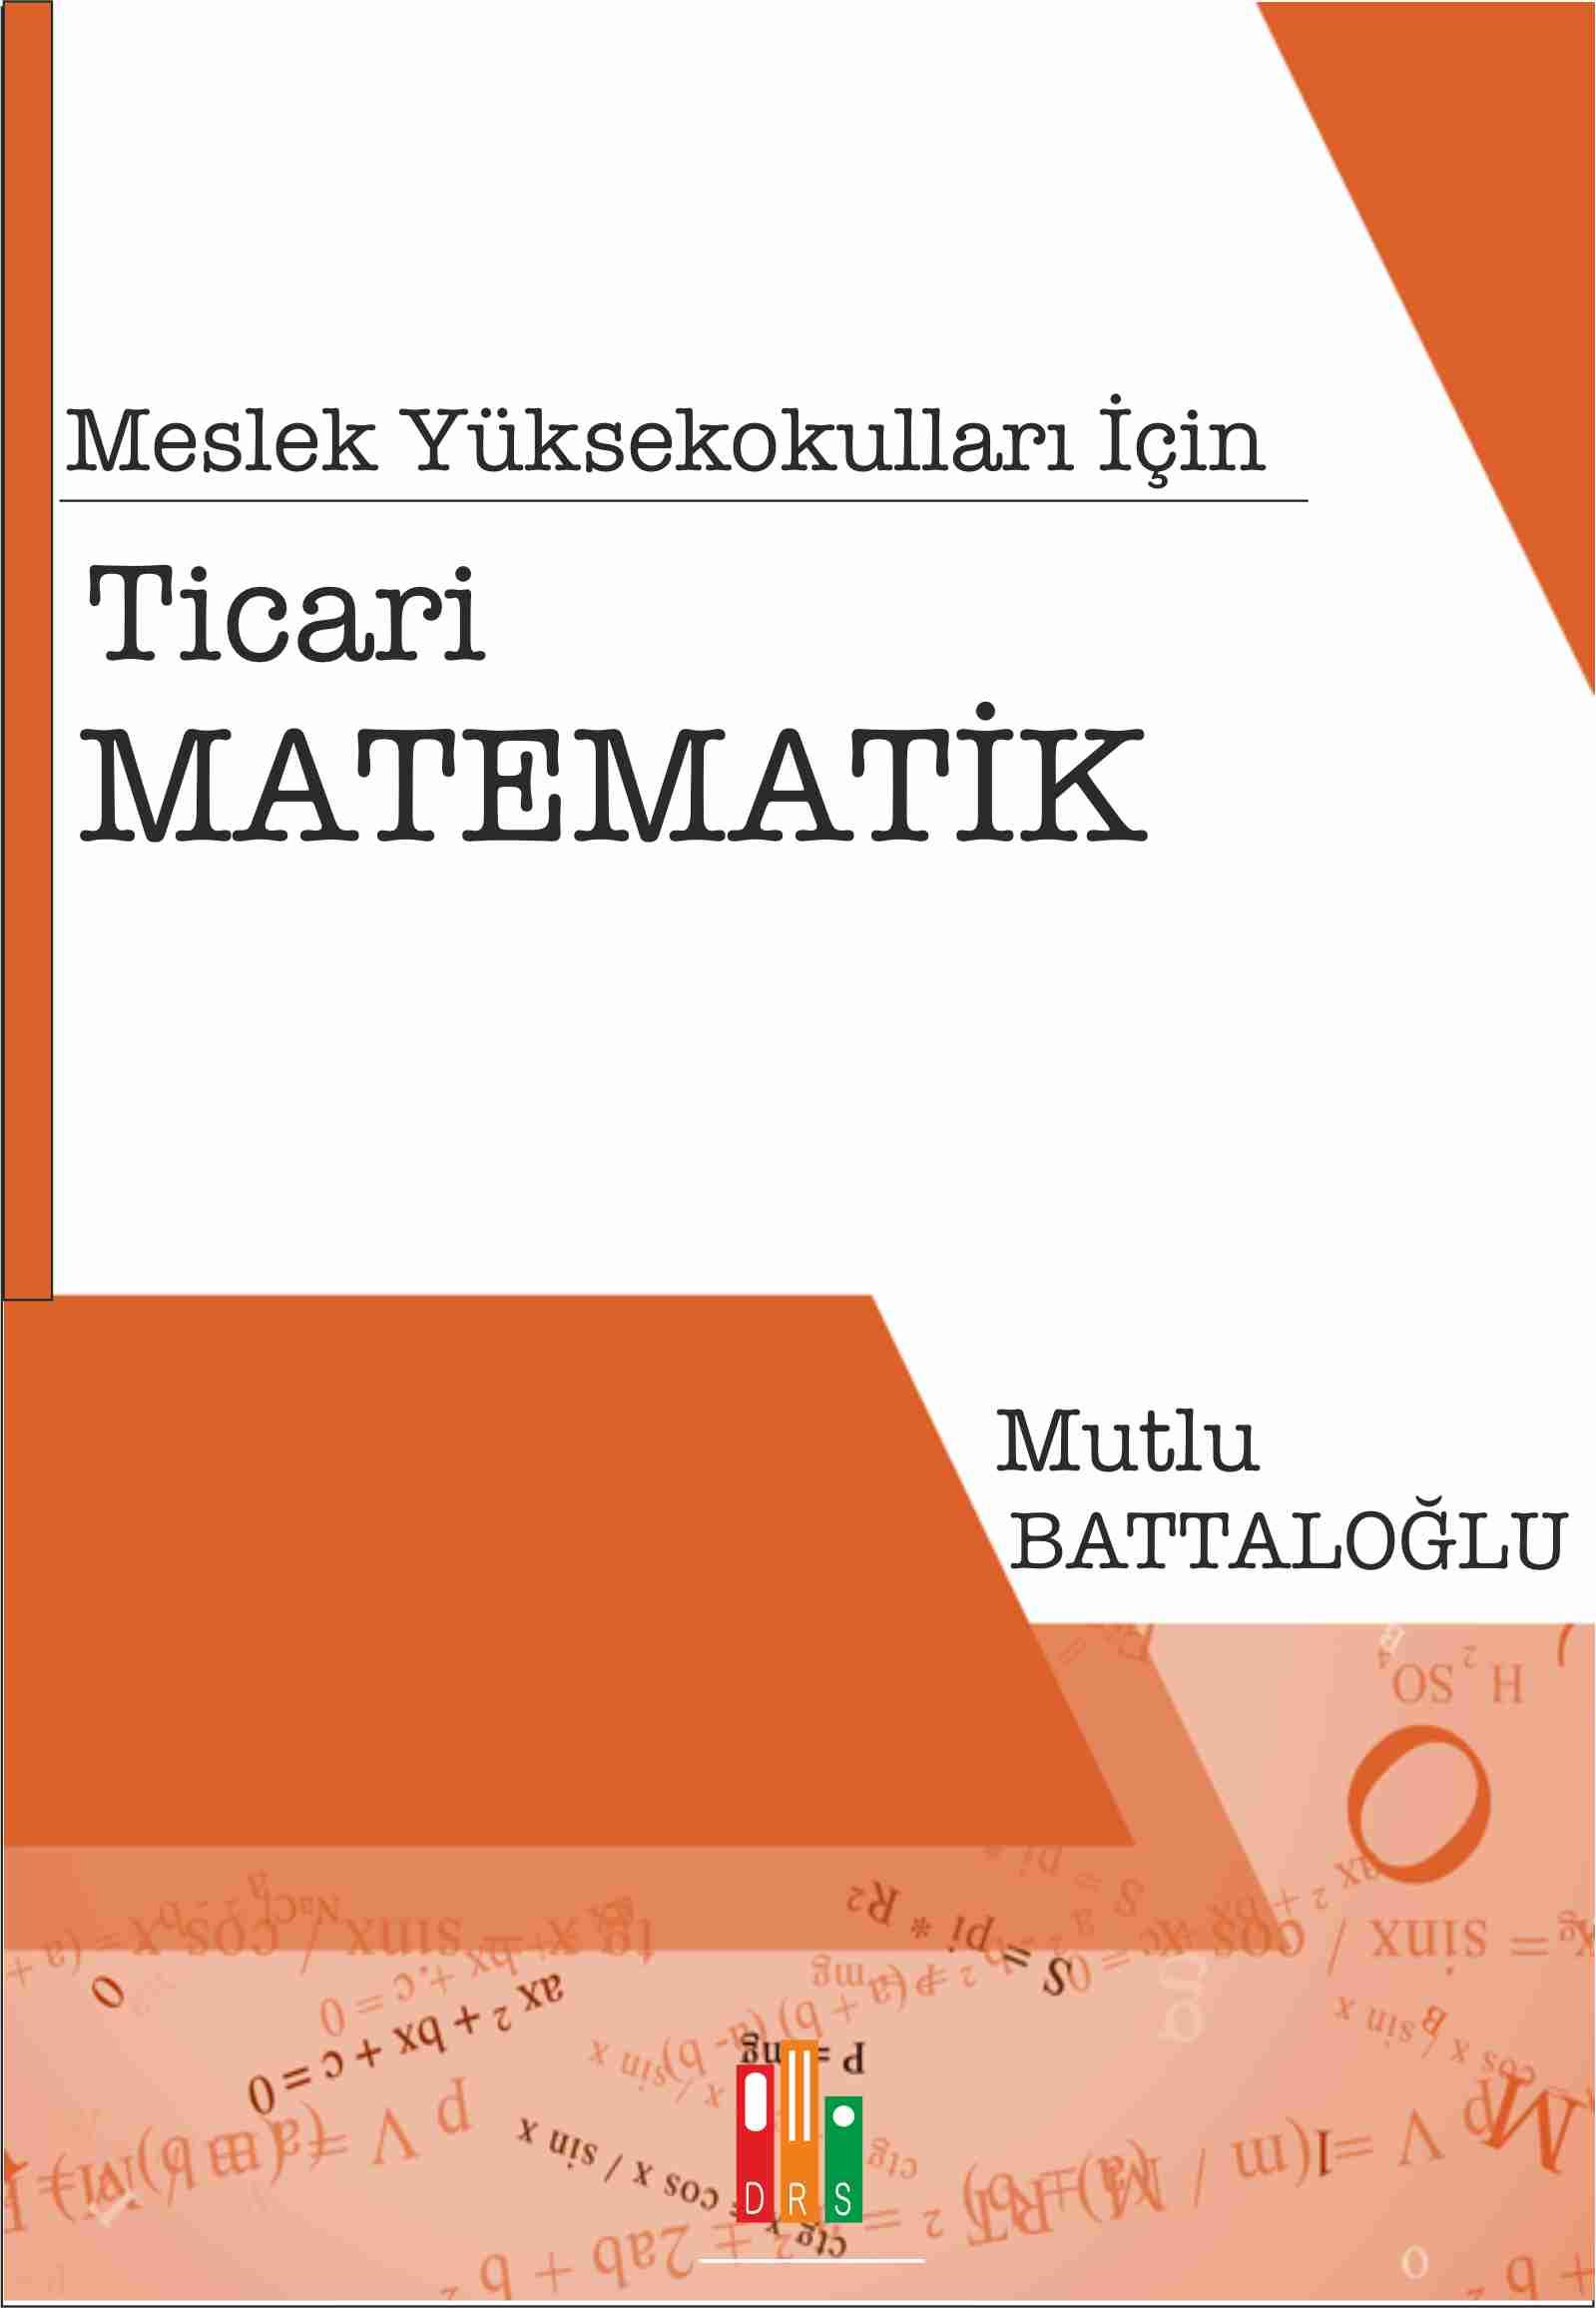 Myo'lar İçin  Ticari Matematik